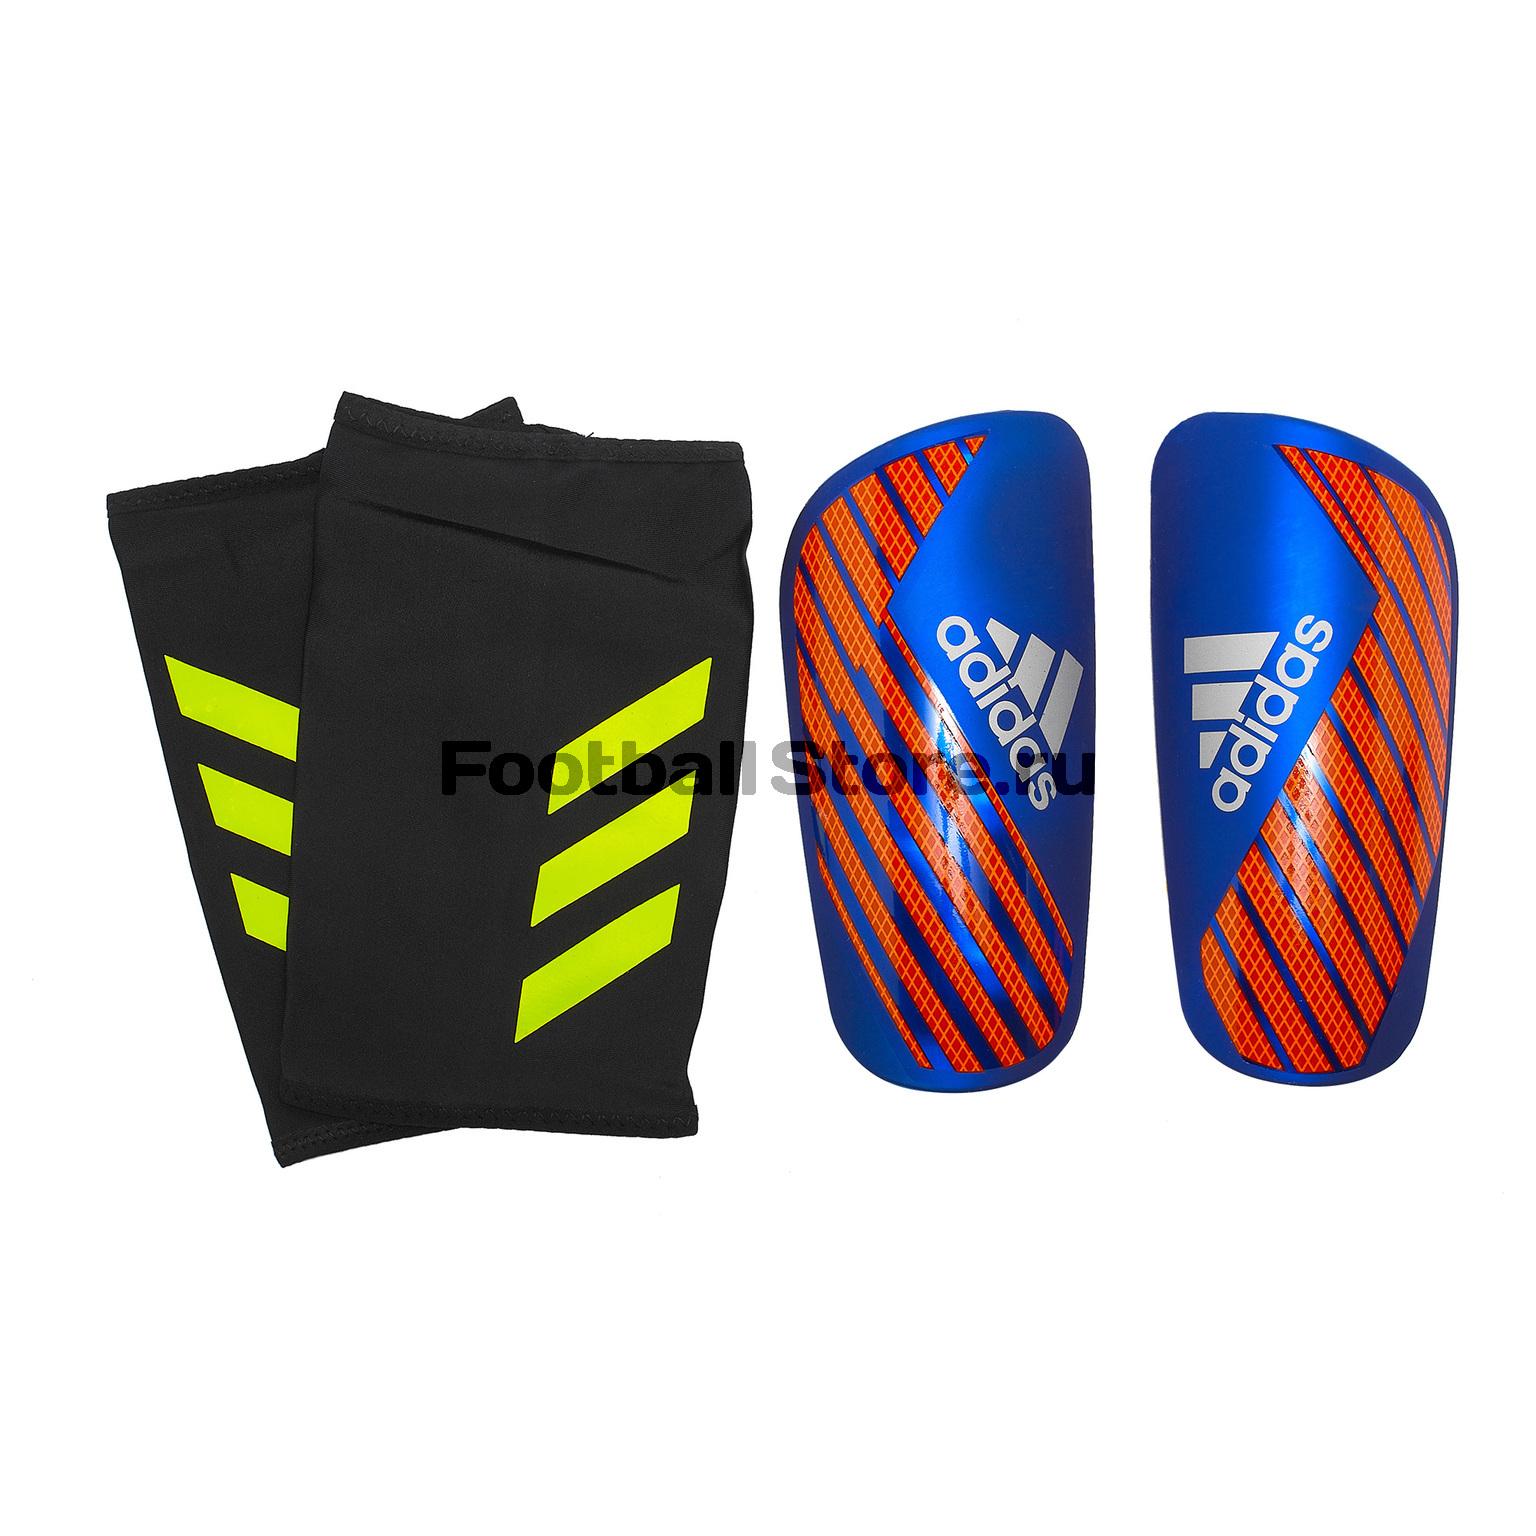 Щитки Adidas X Pro DN8625 щитки футбольные adidas x lesto dy2578 серебристый размер m